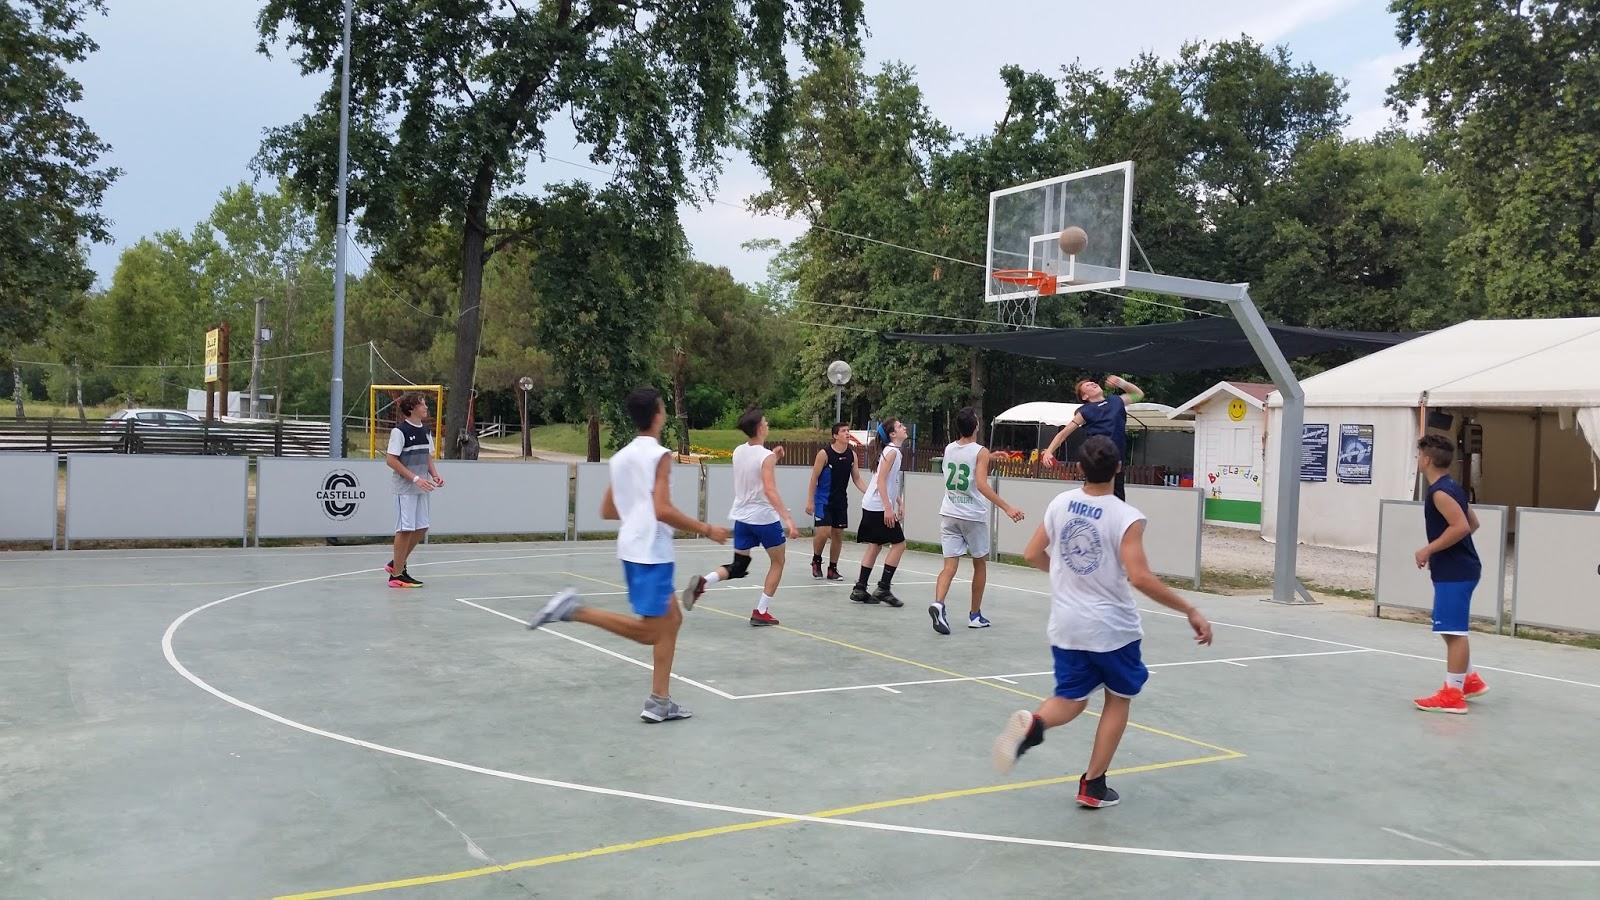 Cestino di pallacanestro sul campo da giuoco al tramonto colorato